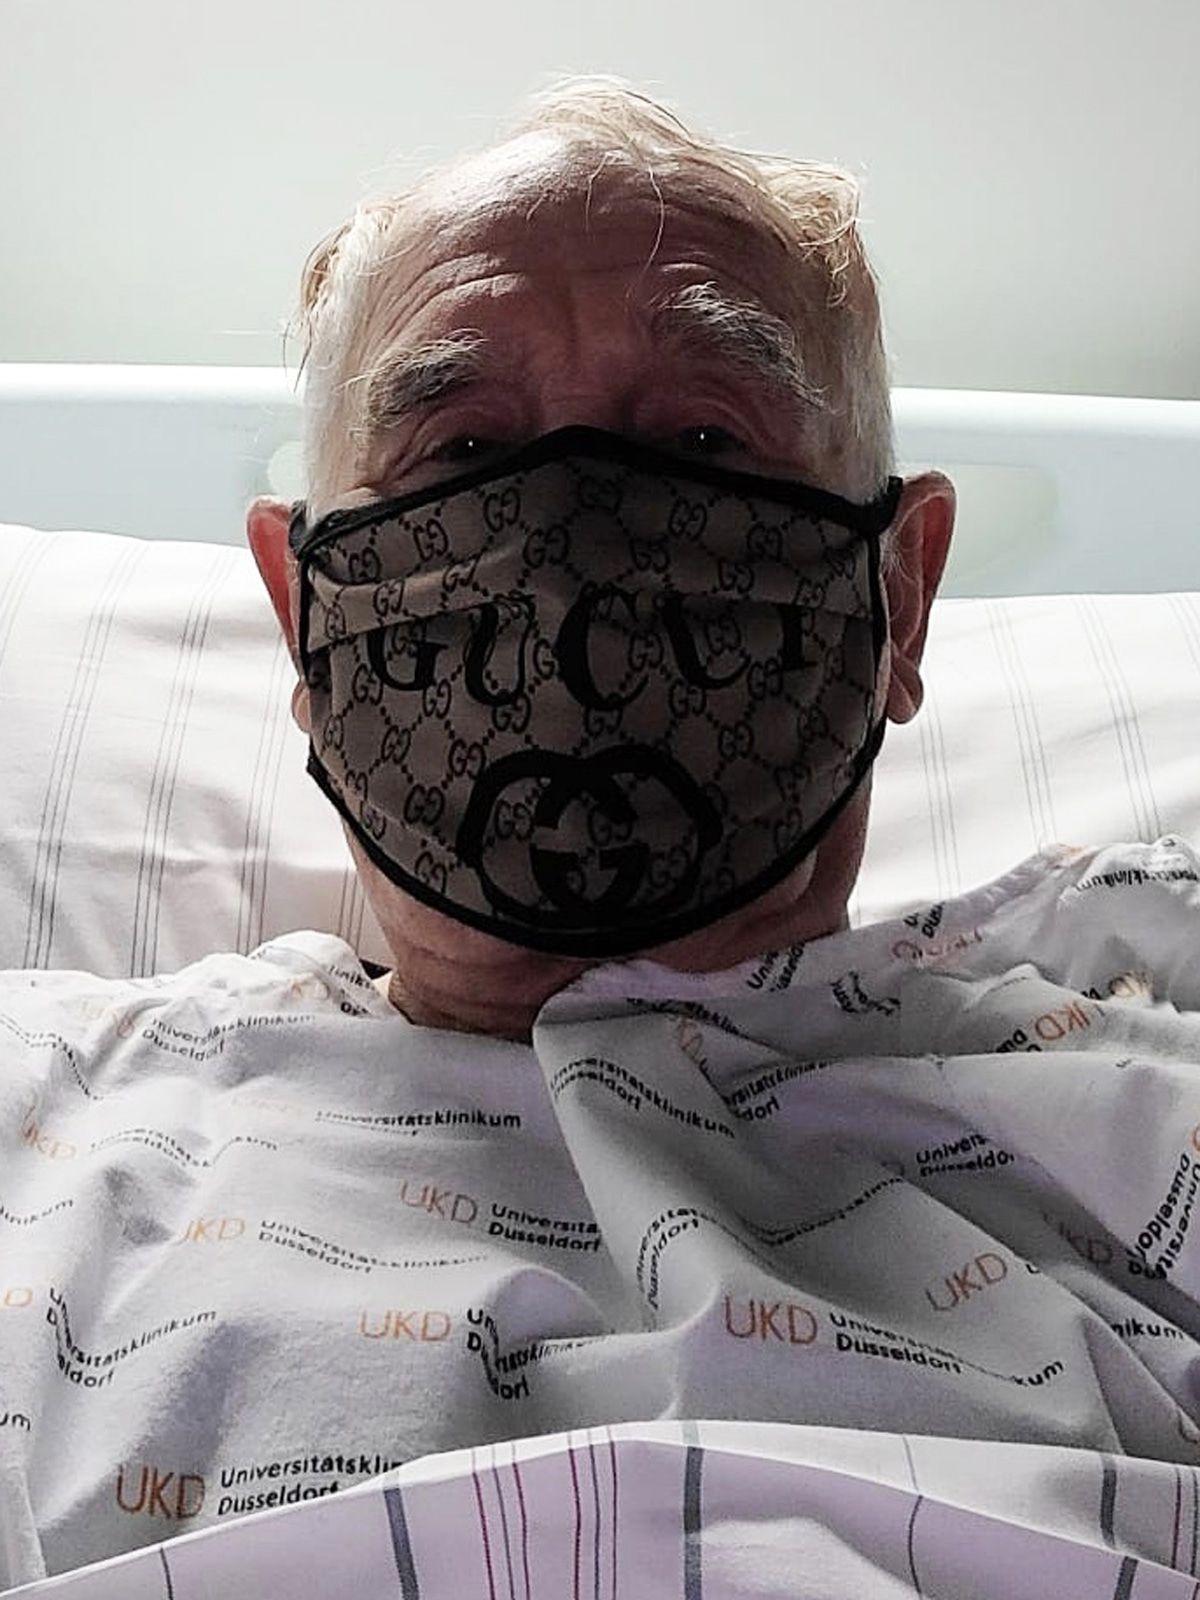 Prinz Frederic von Anhalt mit schwerer Kopfverletzung im Krankenhaus